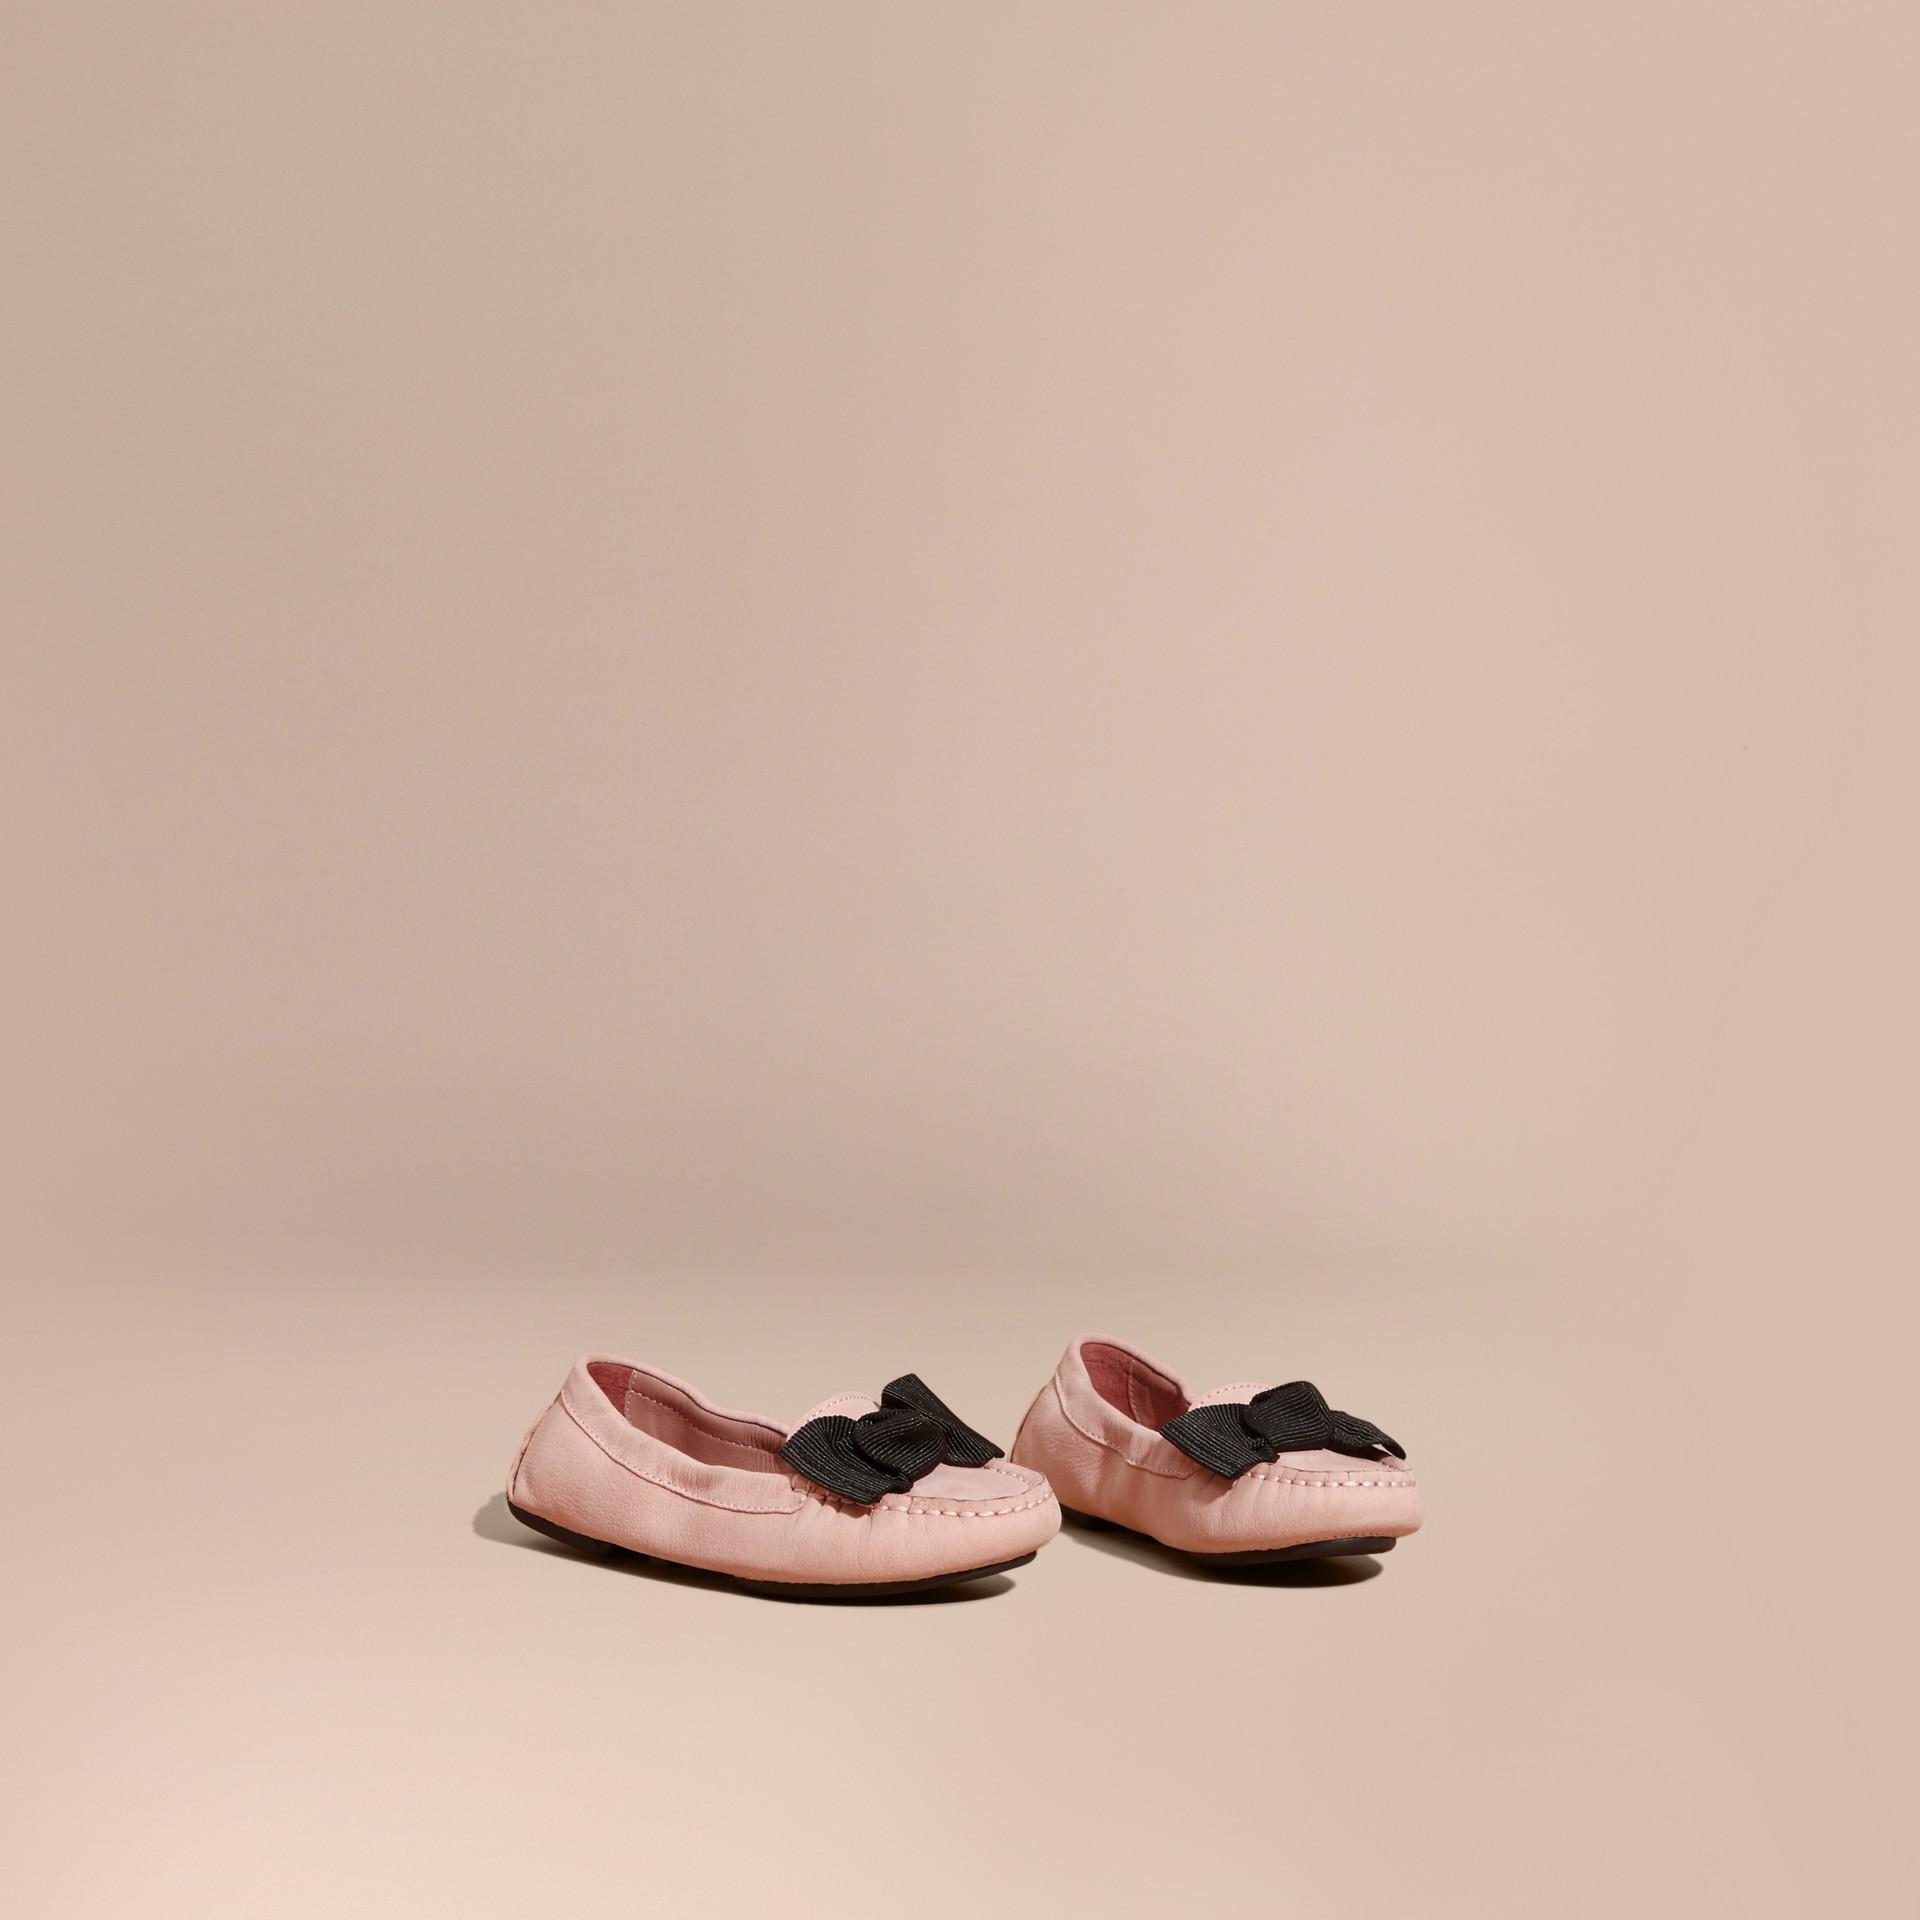 애쉬 로즈 보우 디테일 가죽 로퍼 - 갤러리 이미지 1